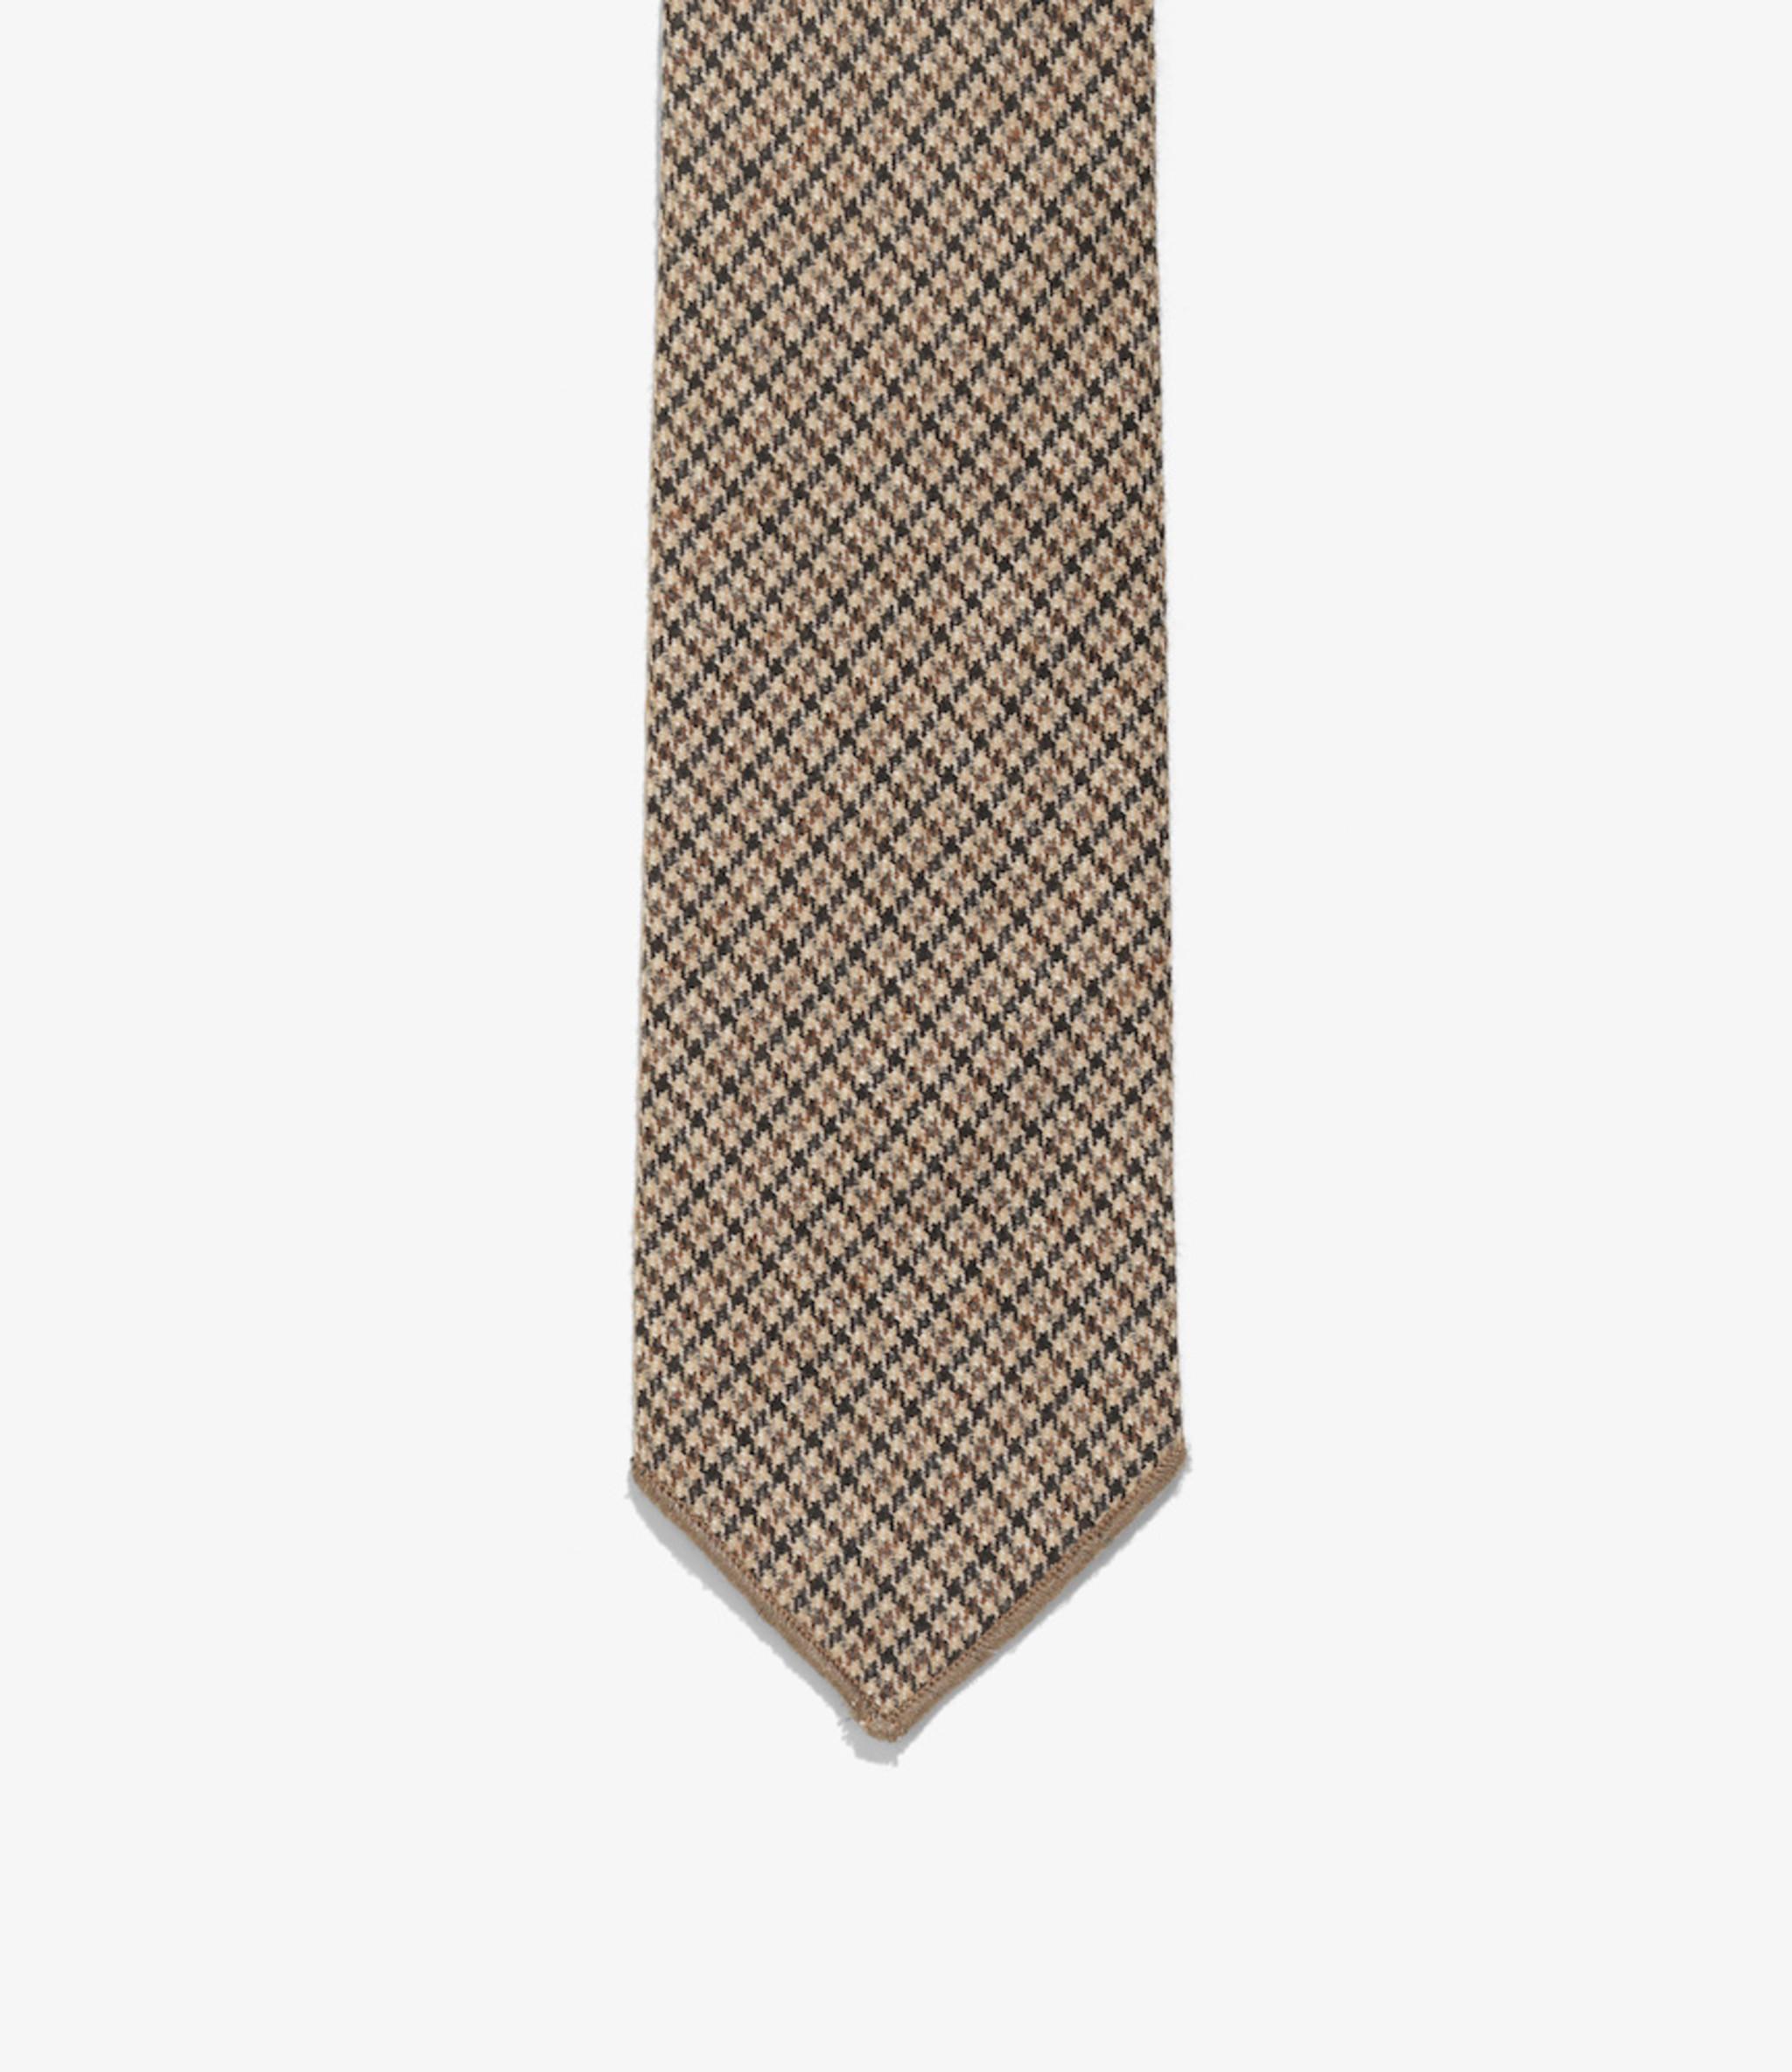 Engineered Garments Neck Tie - Brown Wool Poly Gunclub Check